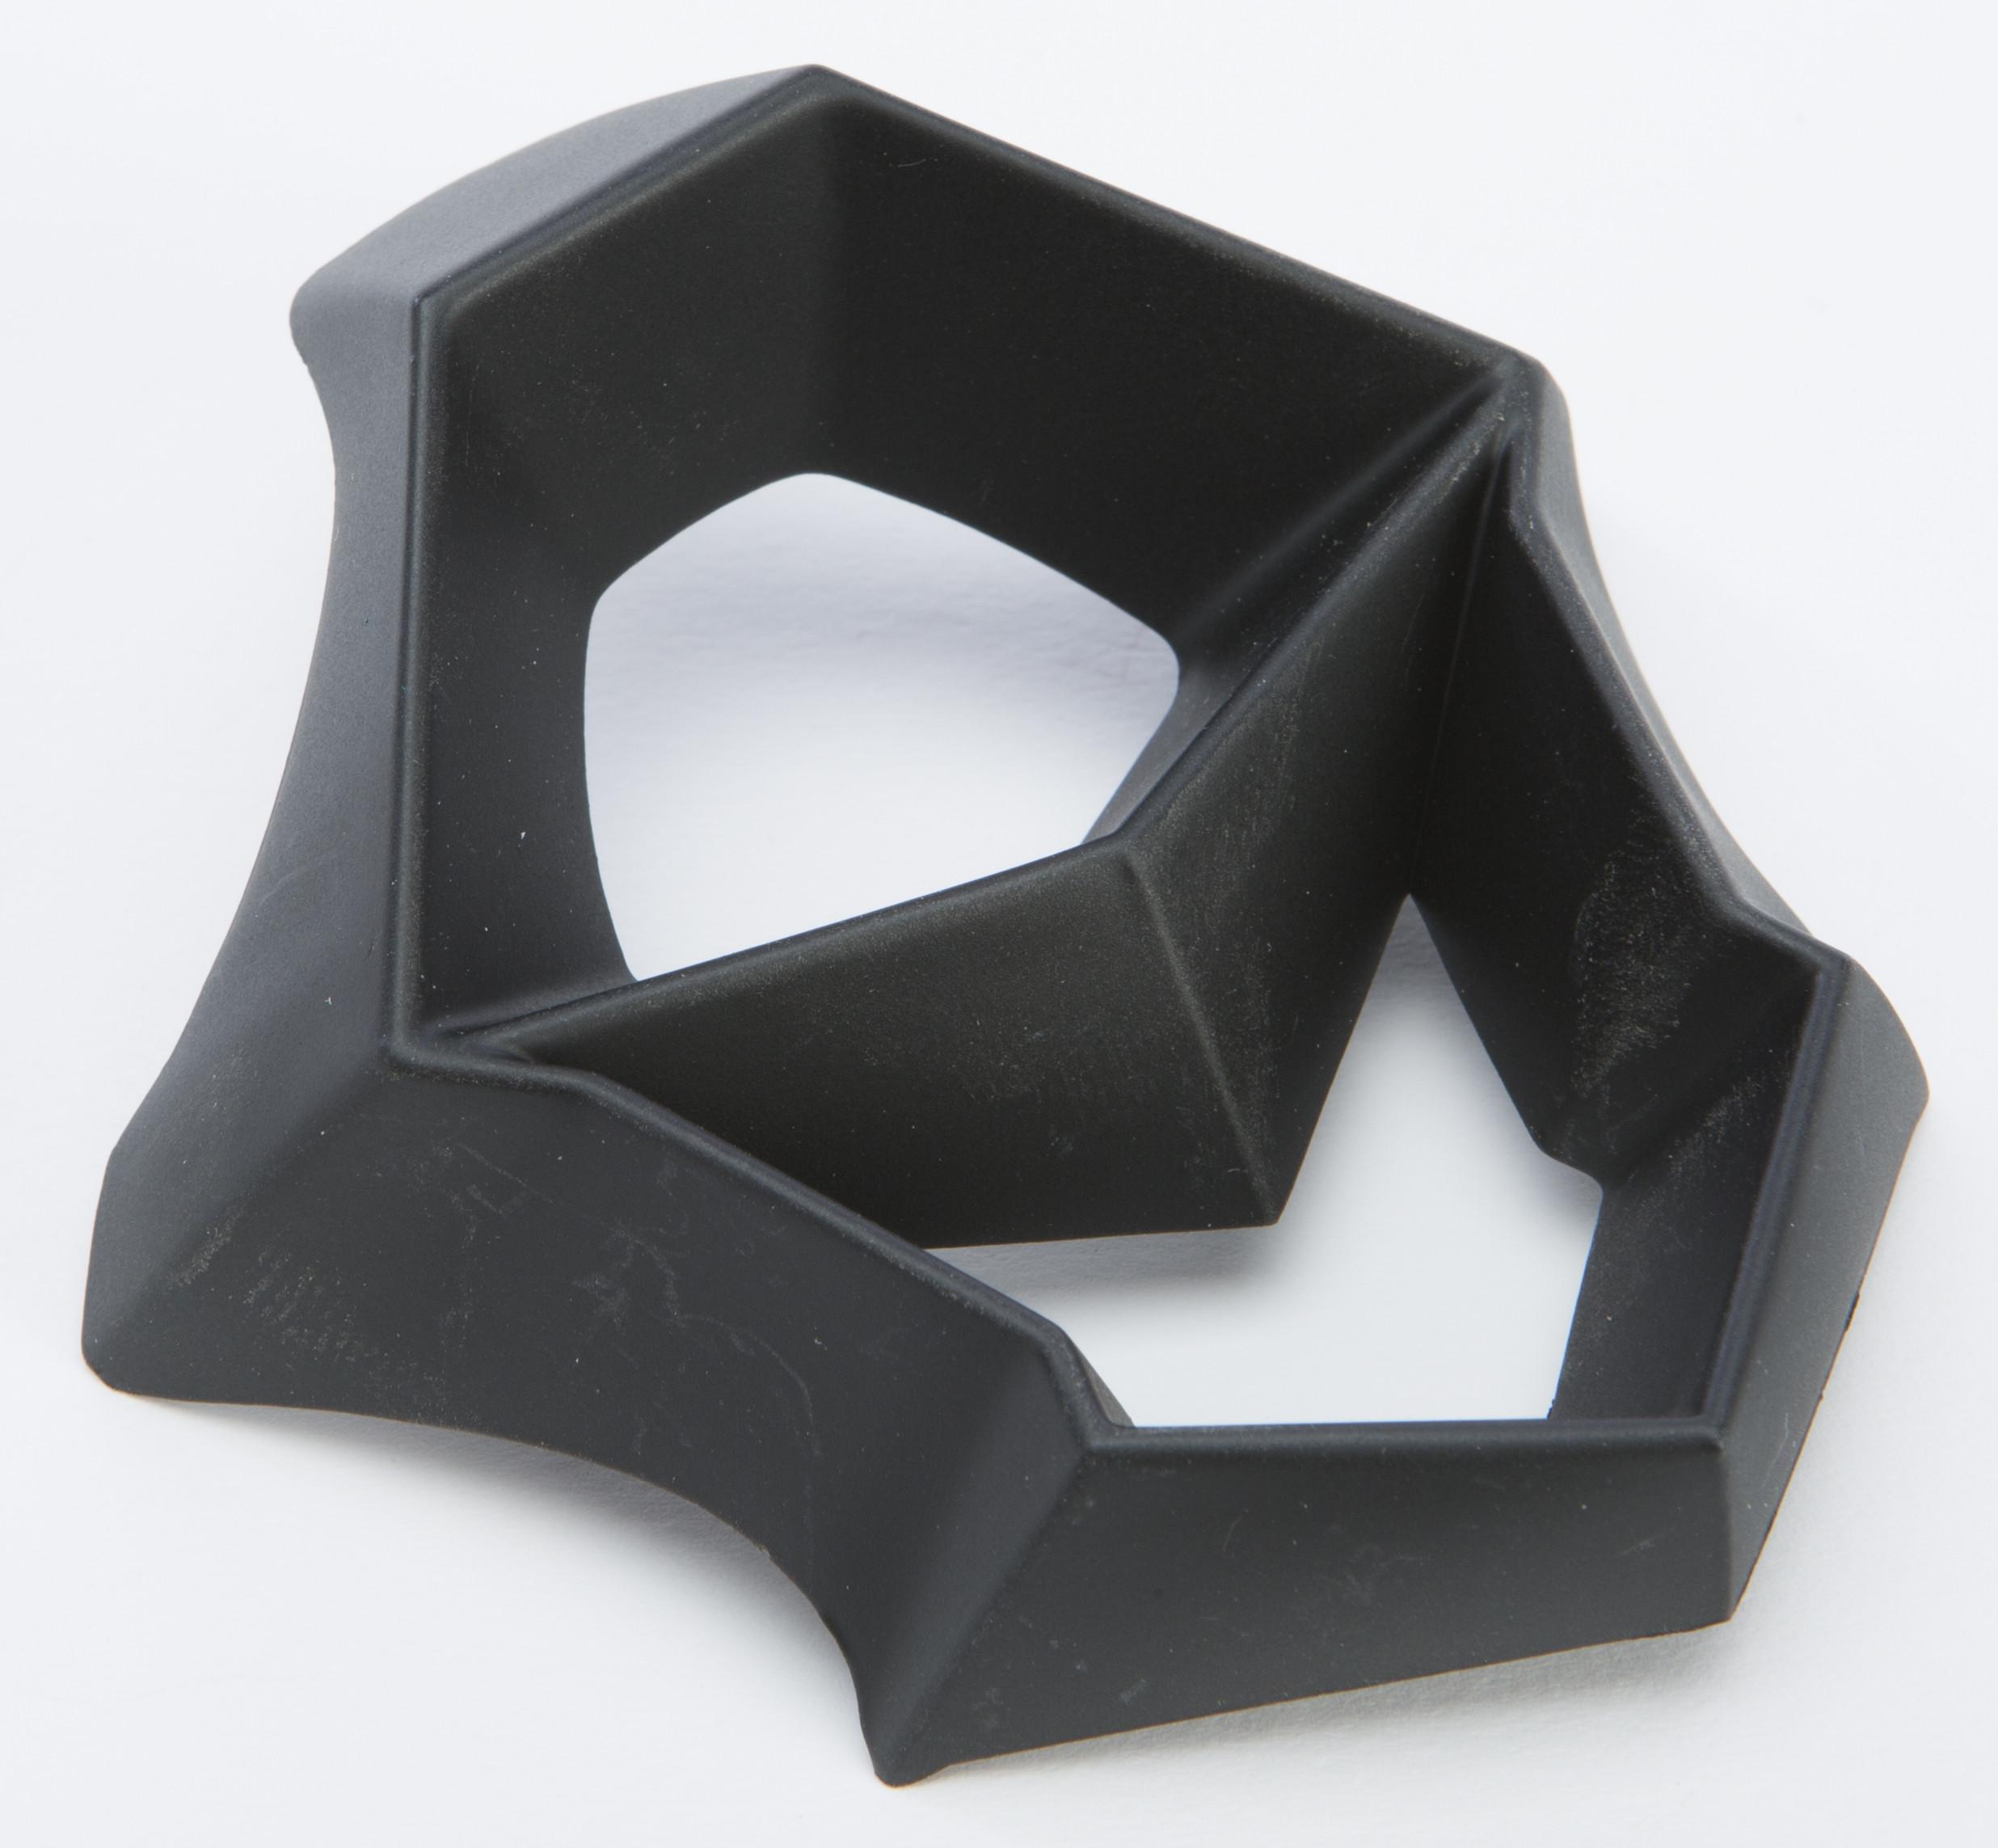 F2 Carbon Mips Helmet Mouthpiece (Wht/Black/Hi-Vis)